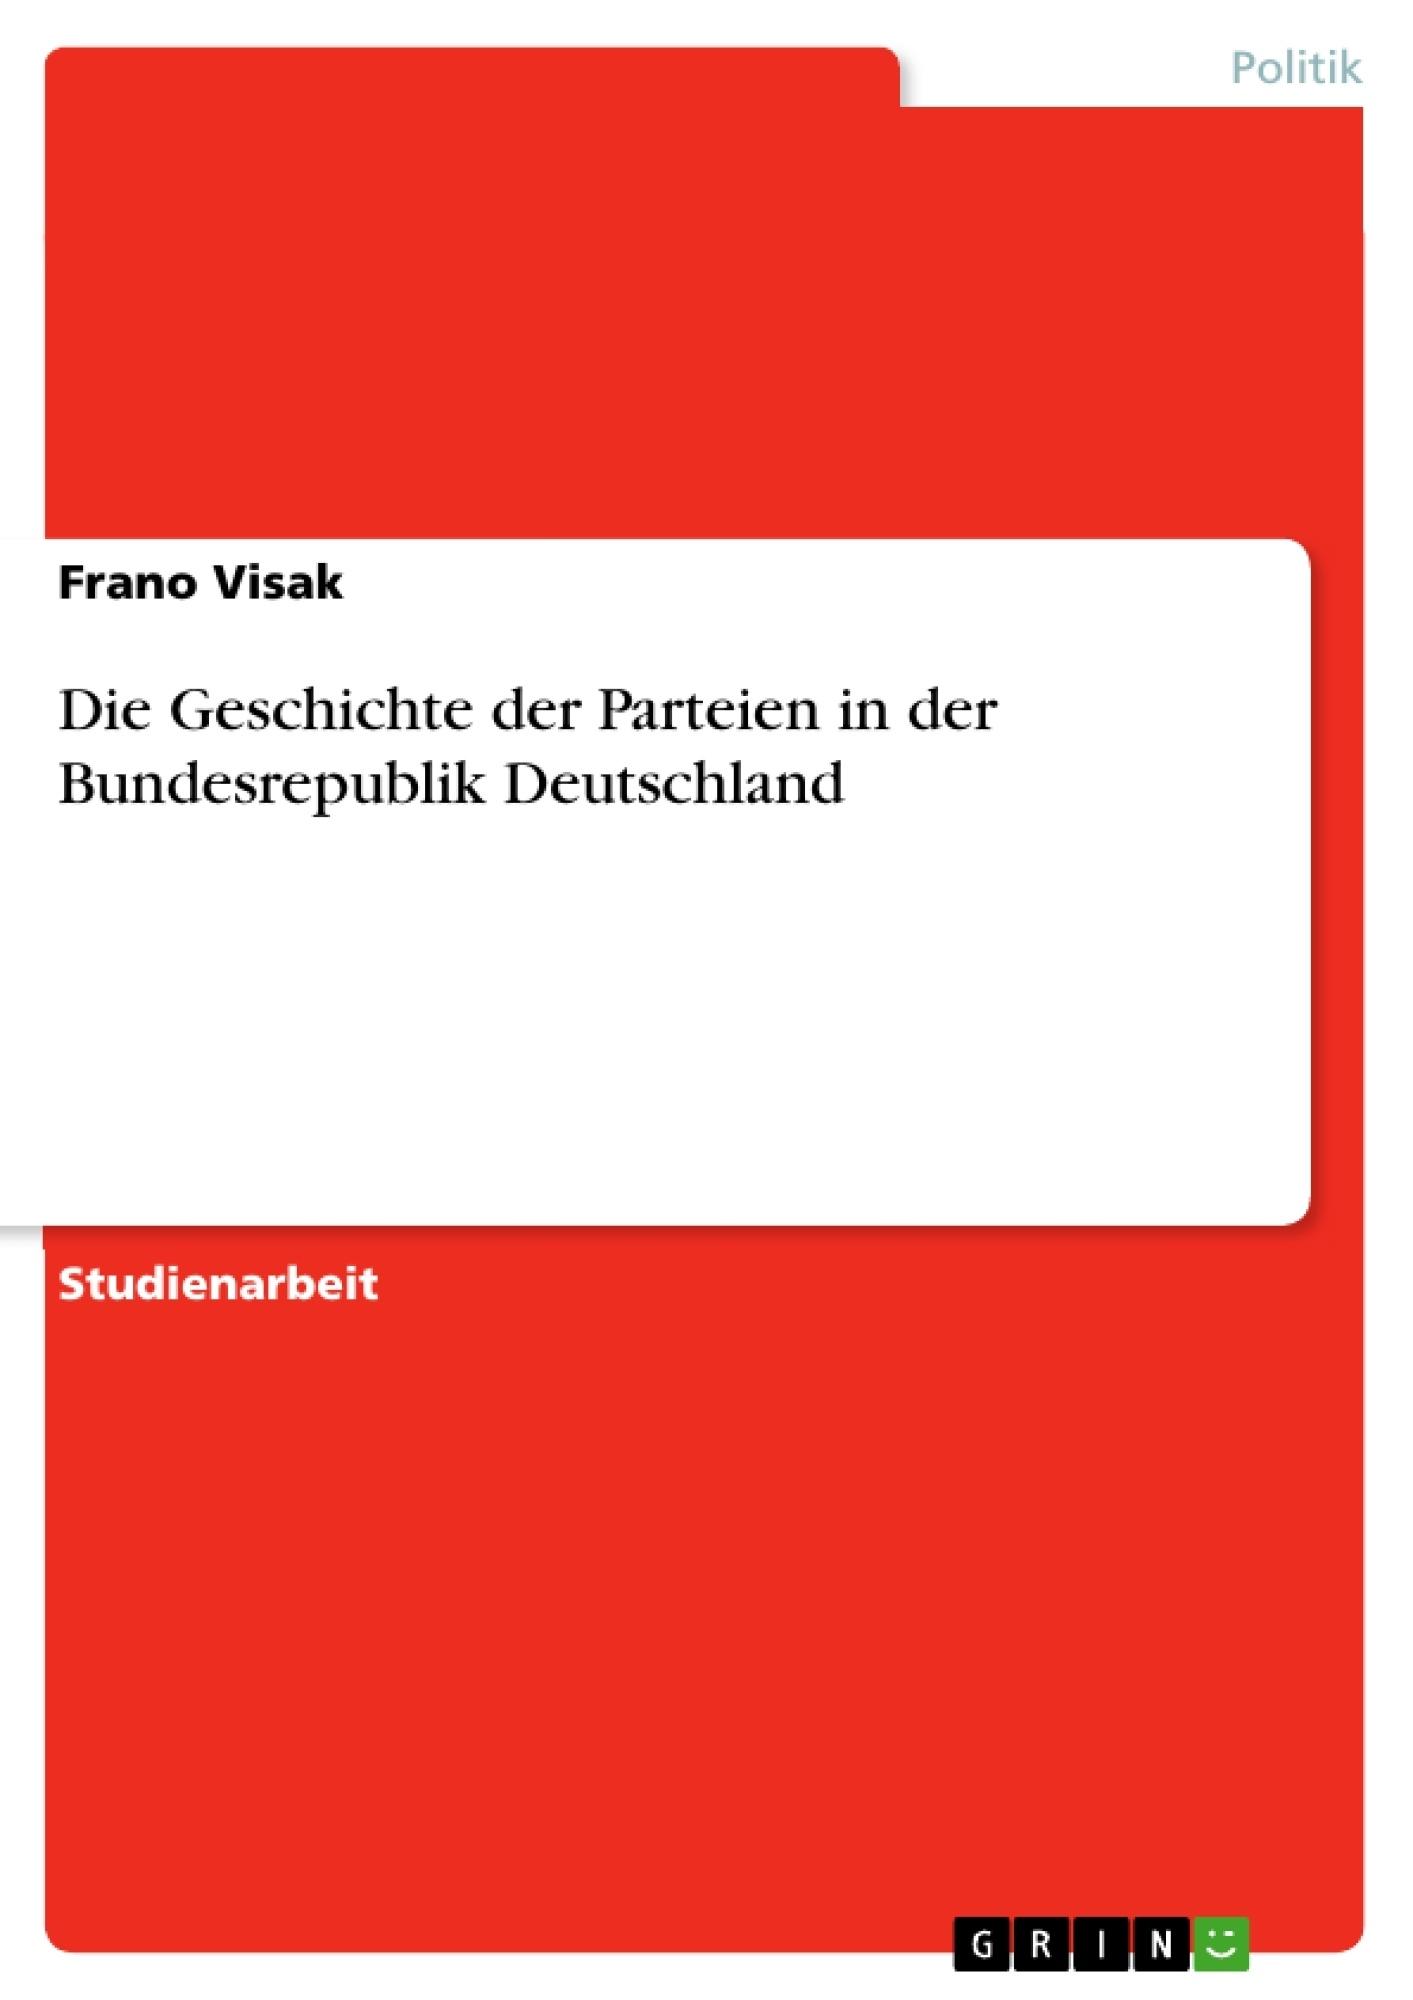 Titel: Die Geschichte der Parteien in der Bundesrepublik Deutschland